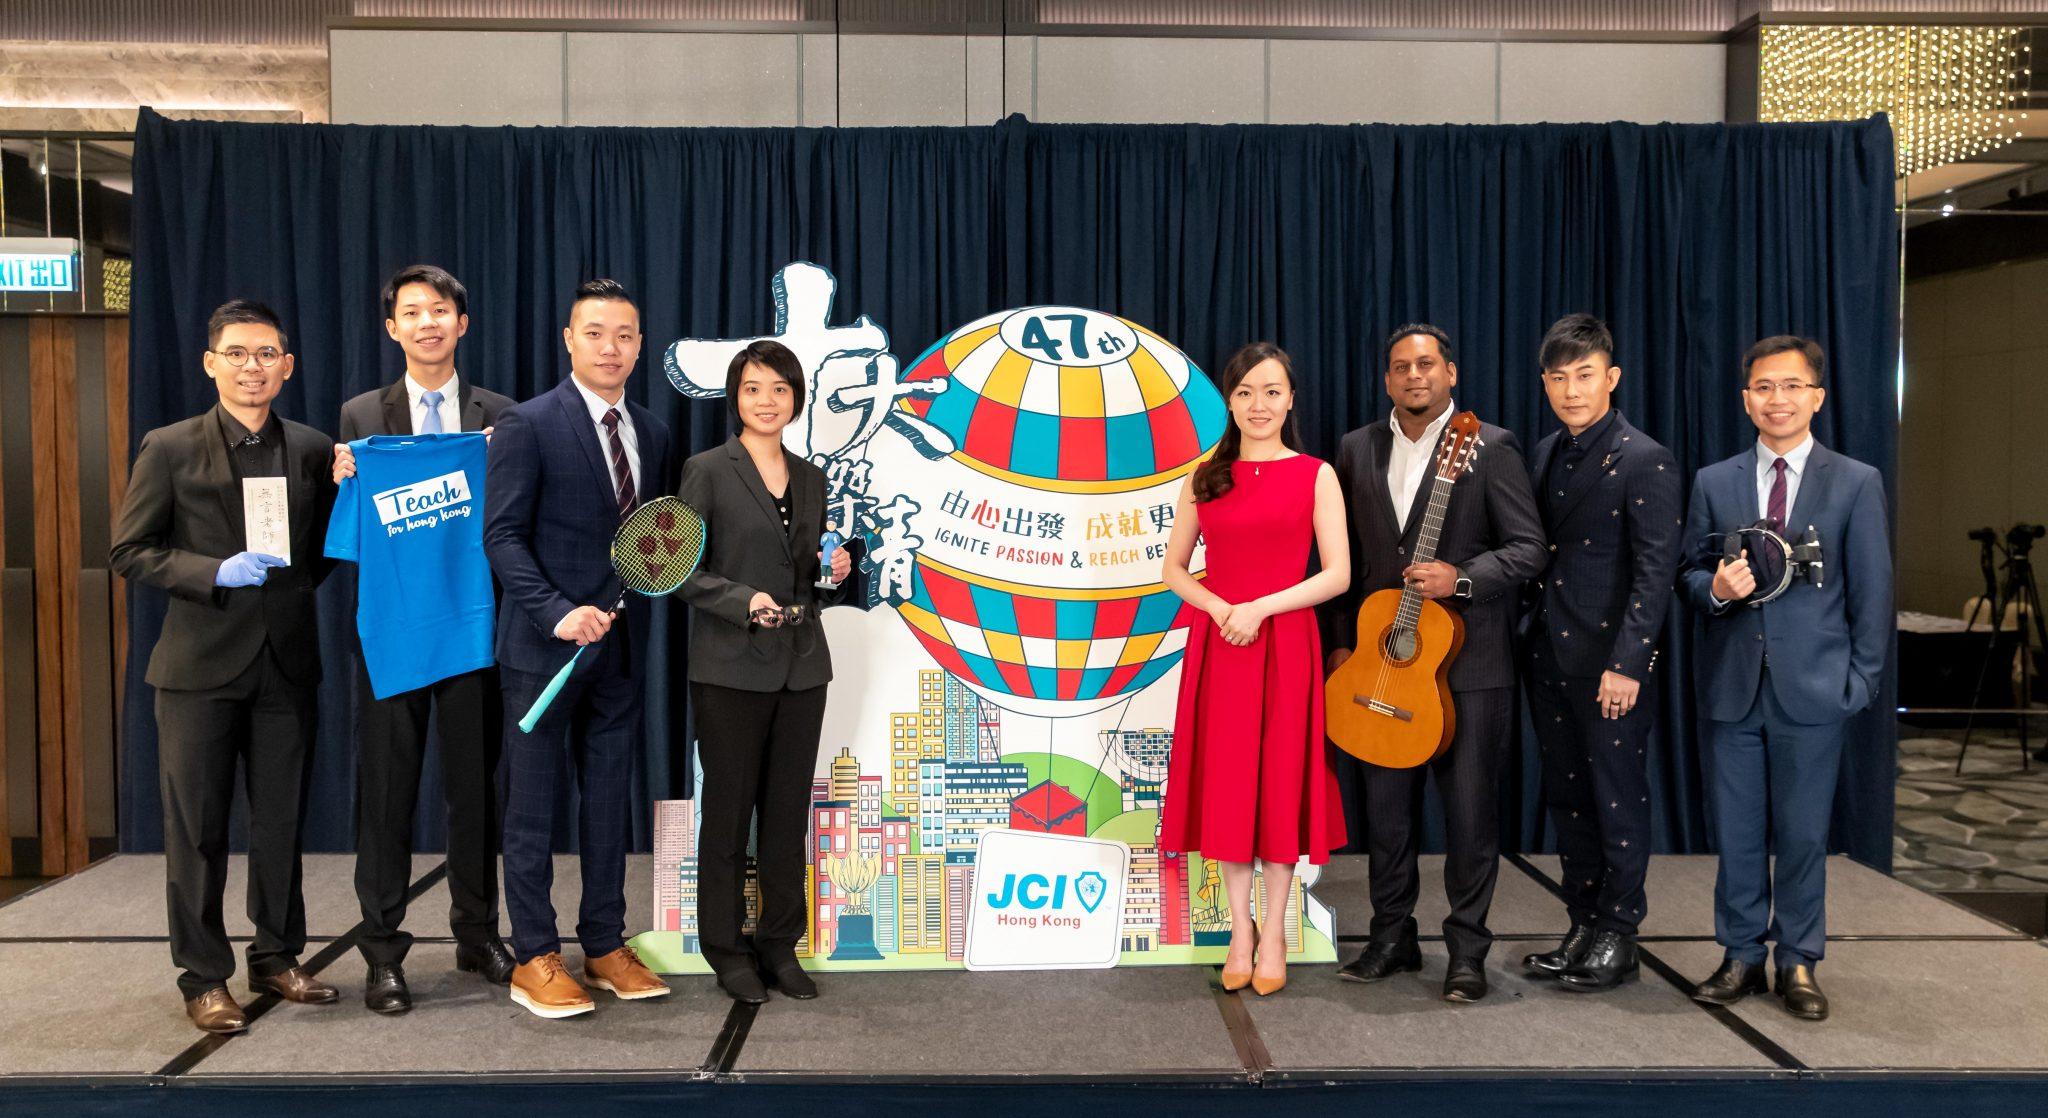 陈君洋(左二)与其他杰出青年摄于颁奖典礼